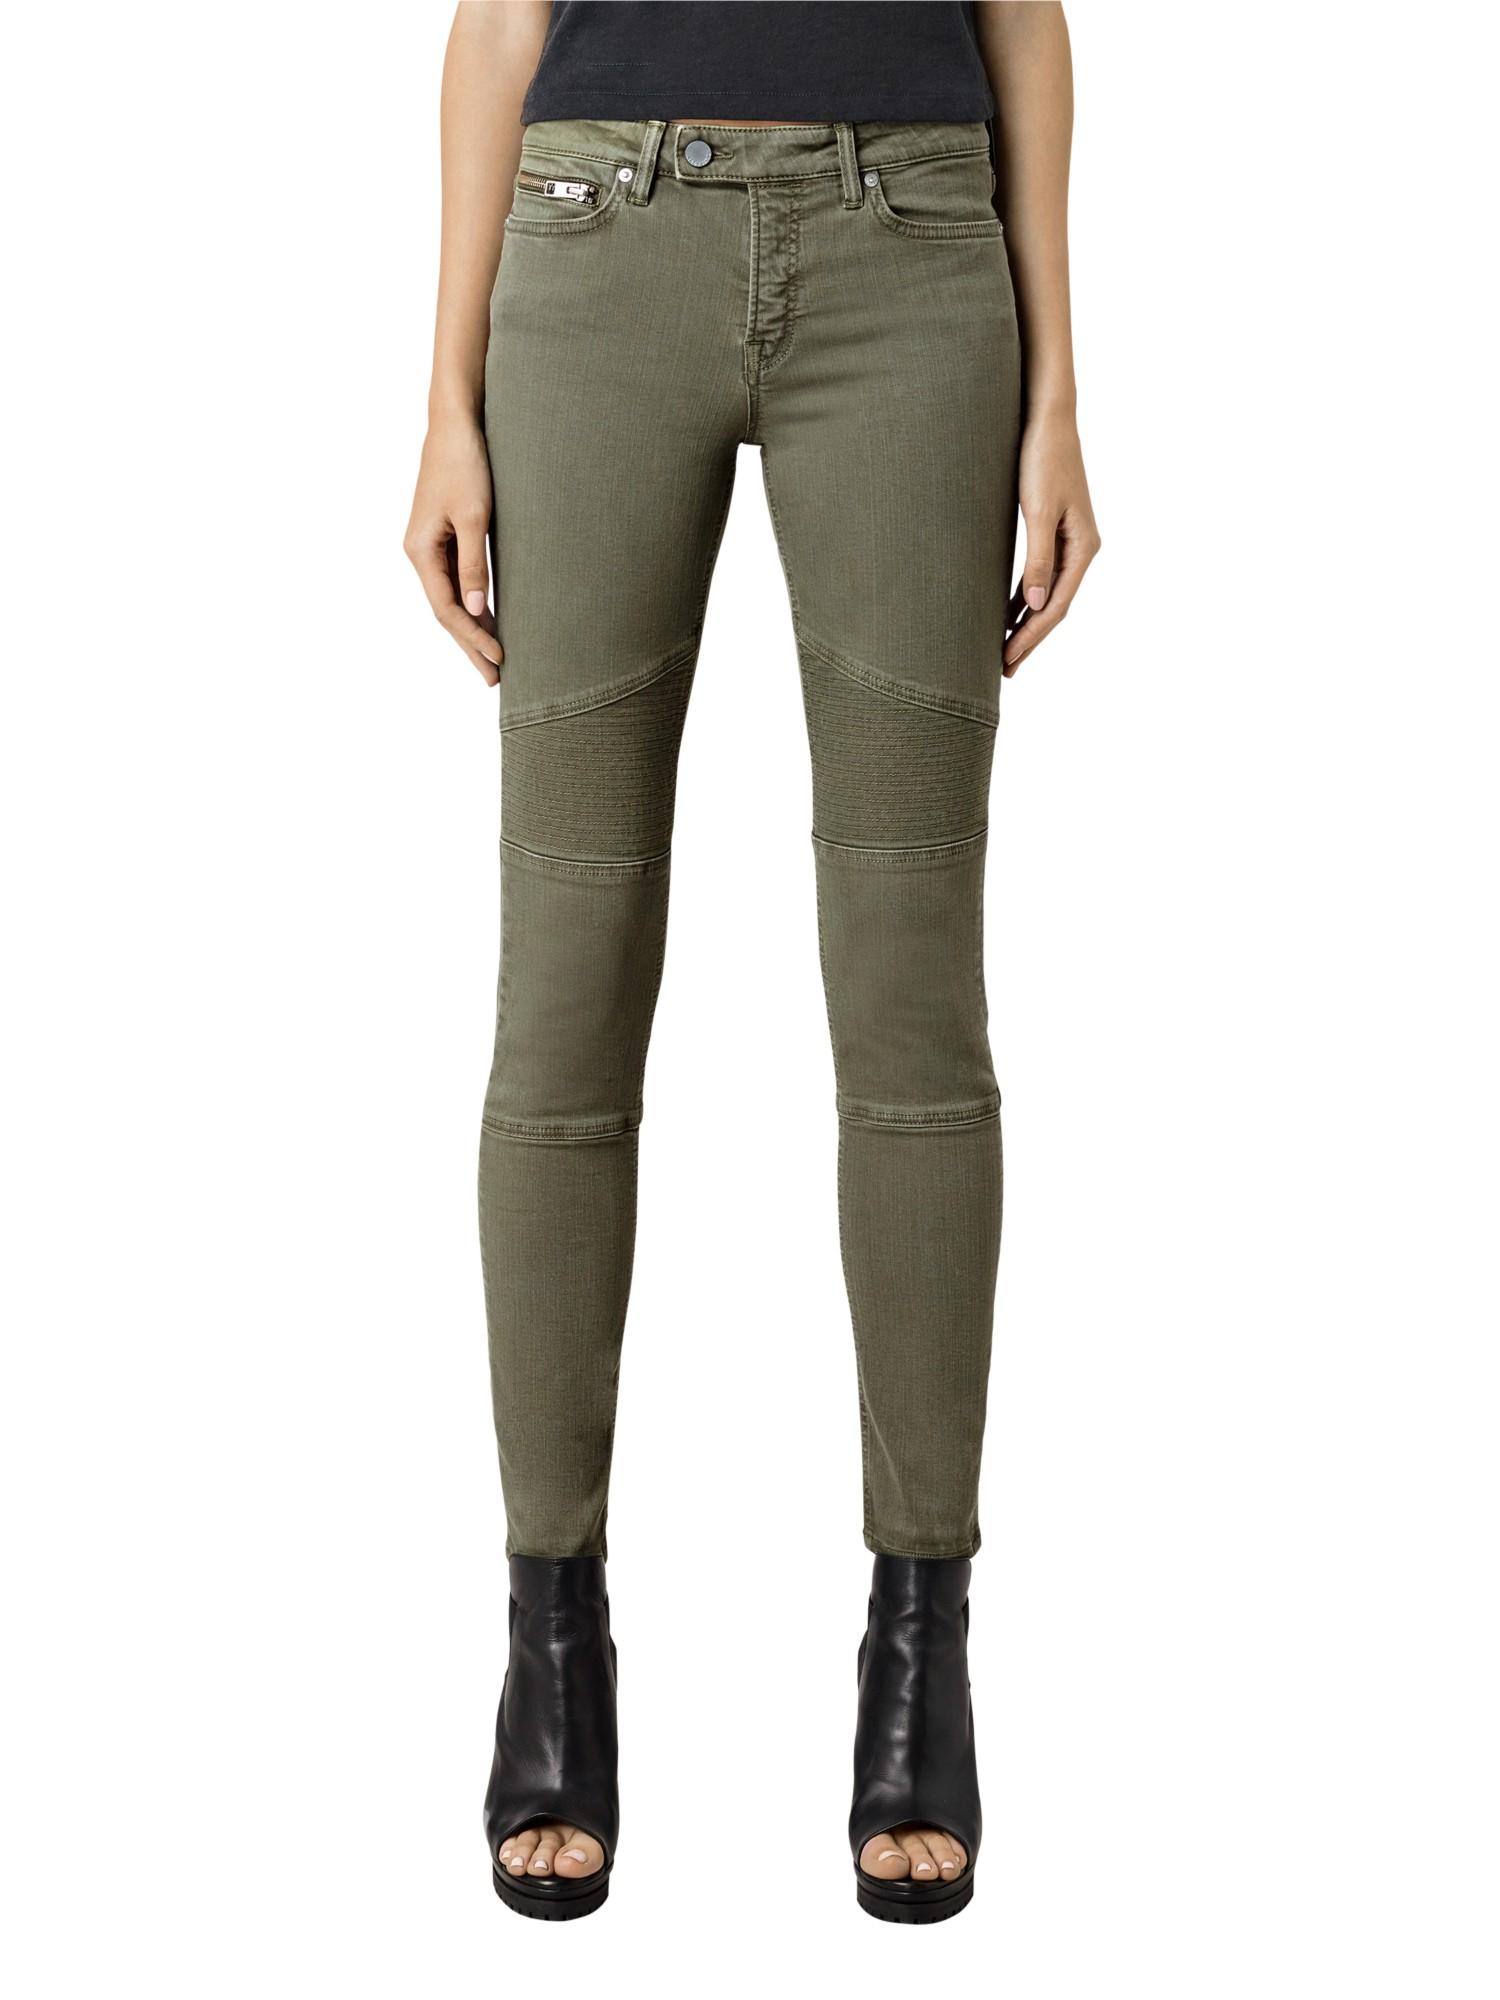 Green Skinny Jeans Womens Uk - Best Jeans 2017